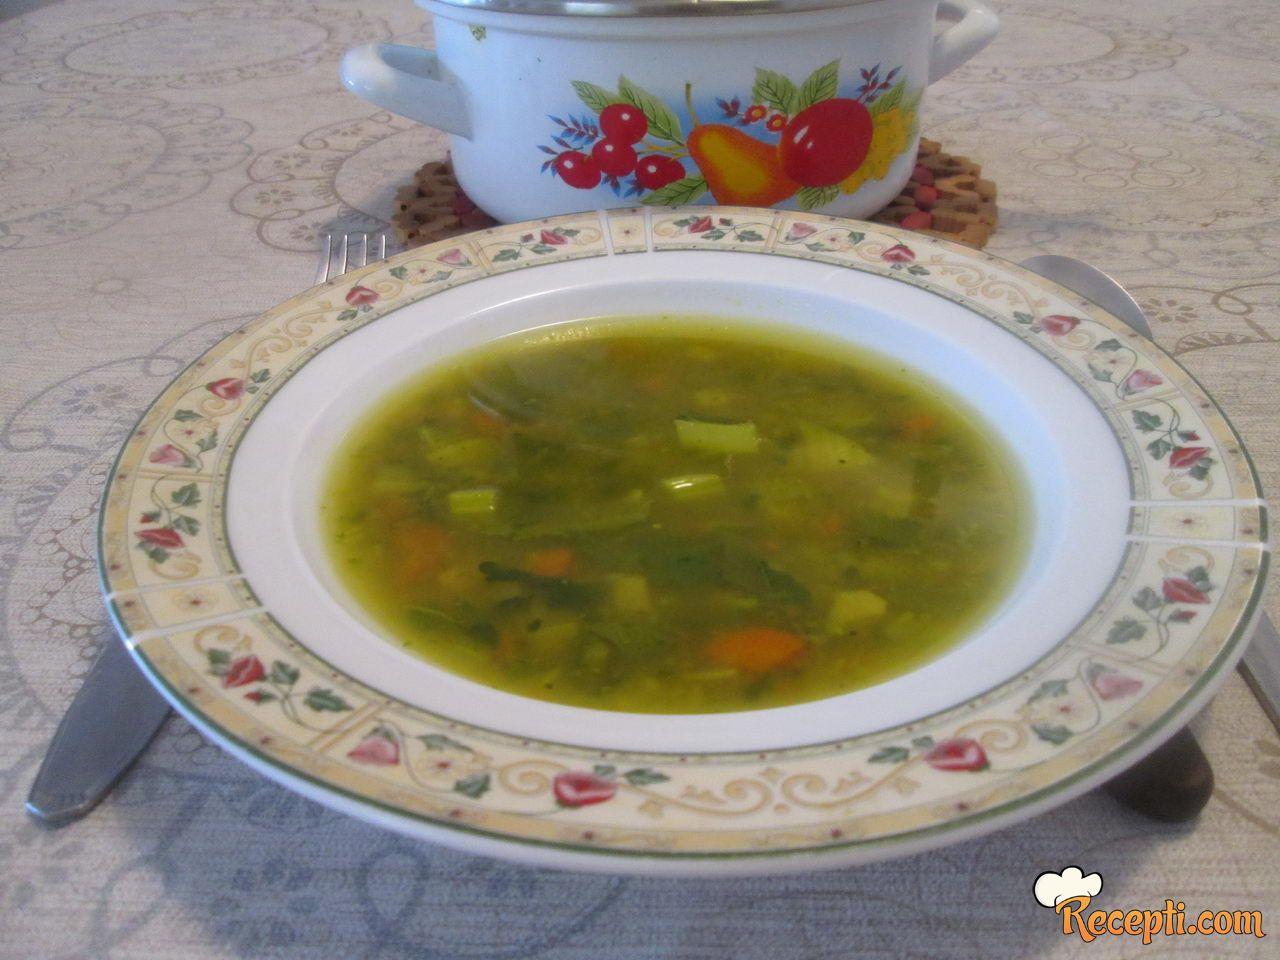 Supa sa lišćem od karfiola